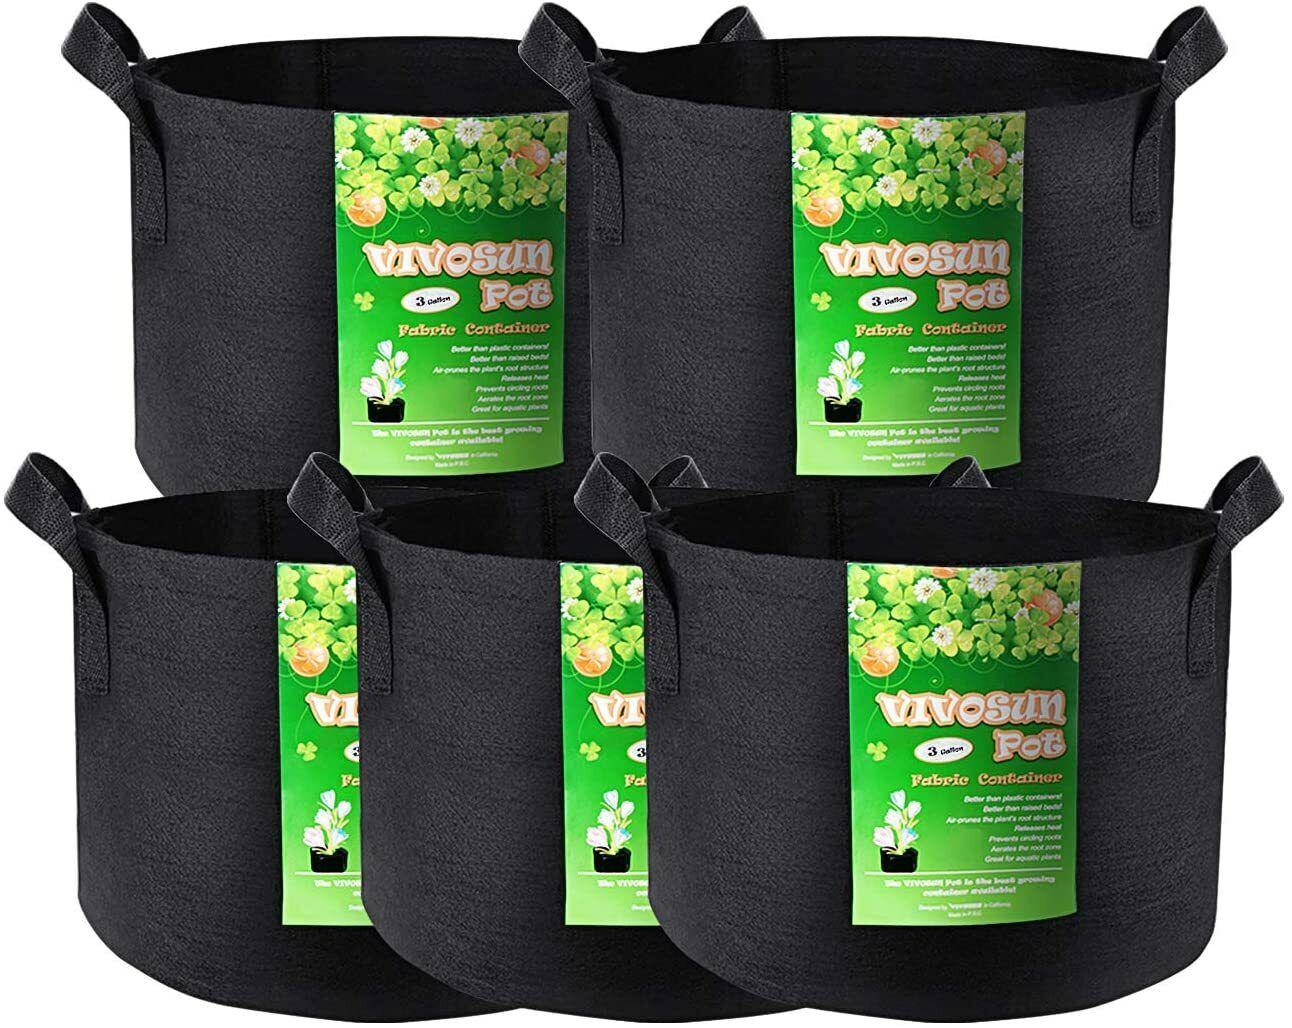 VIVOSUN 5 Pack Grow Bags Garden Non-Woven Aeration Plant Fabric Pot Container 9